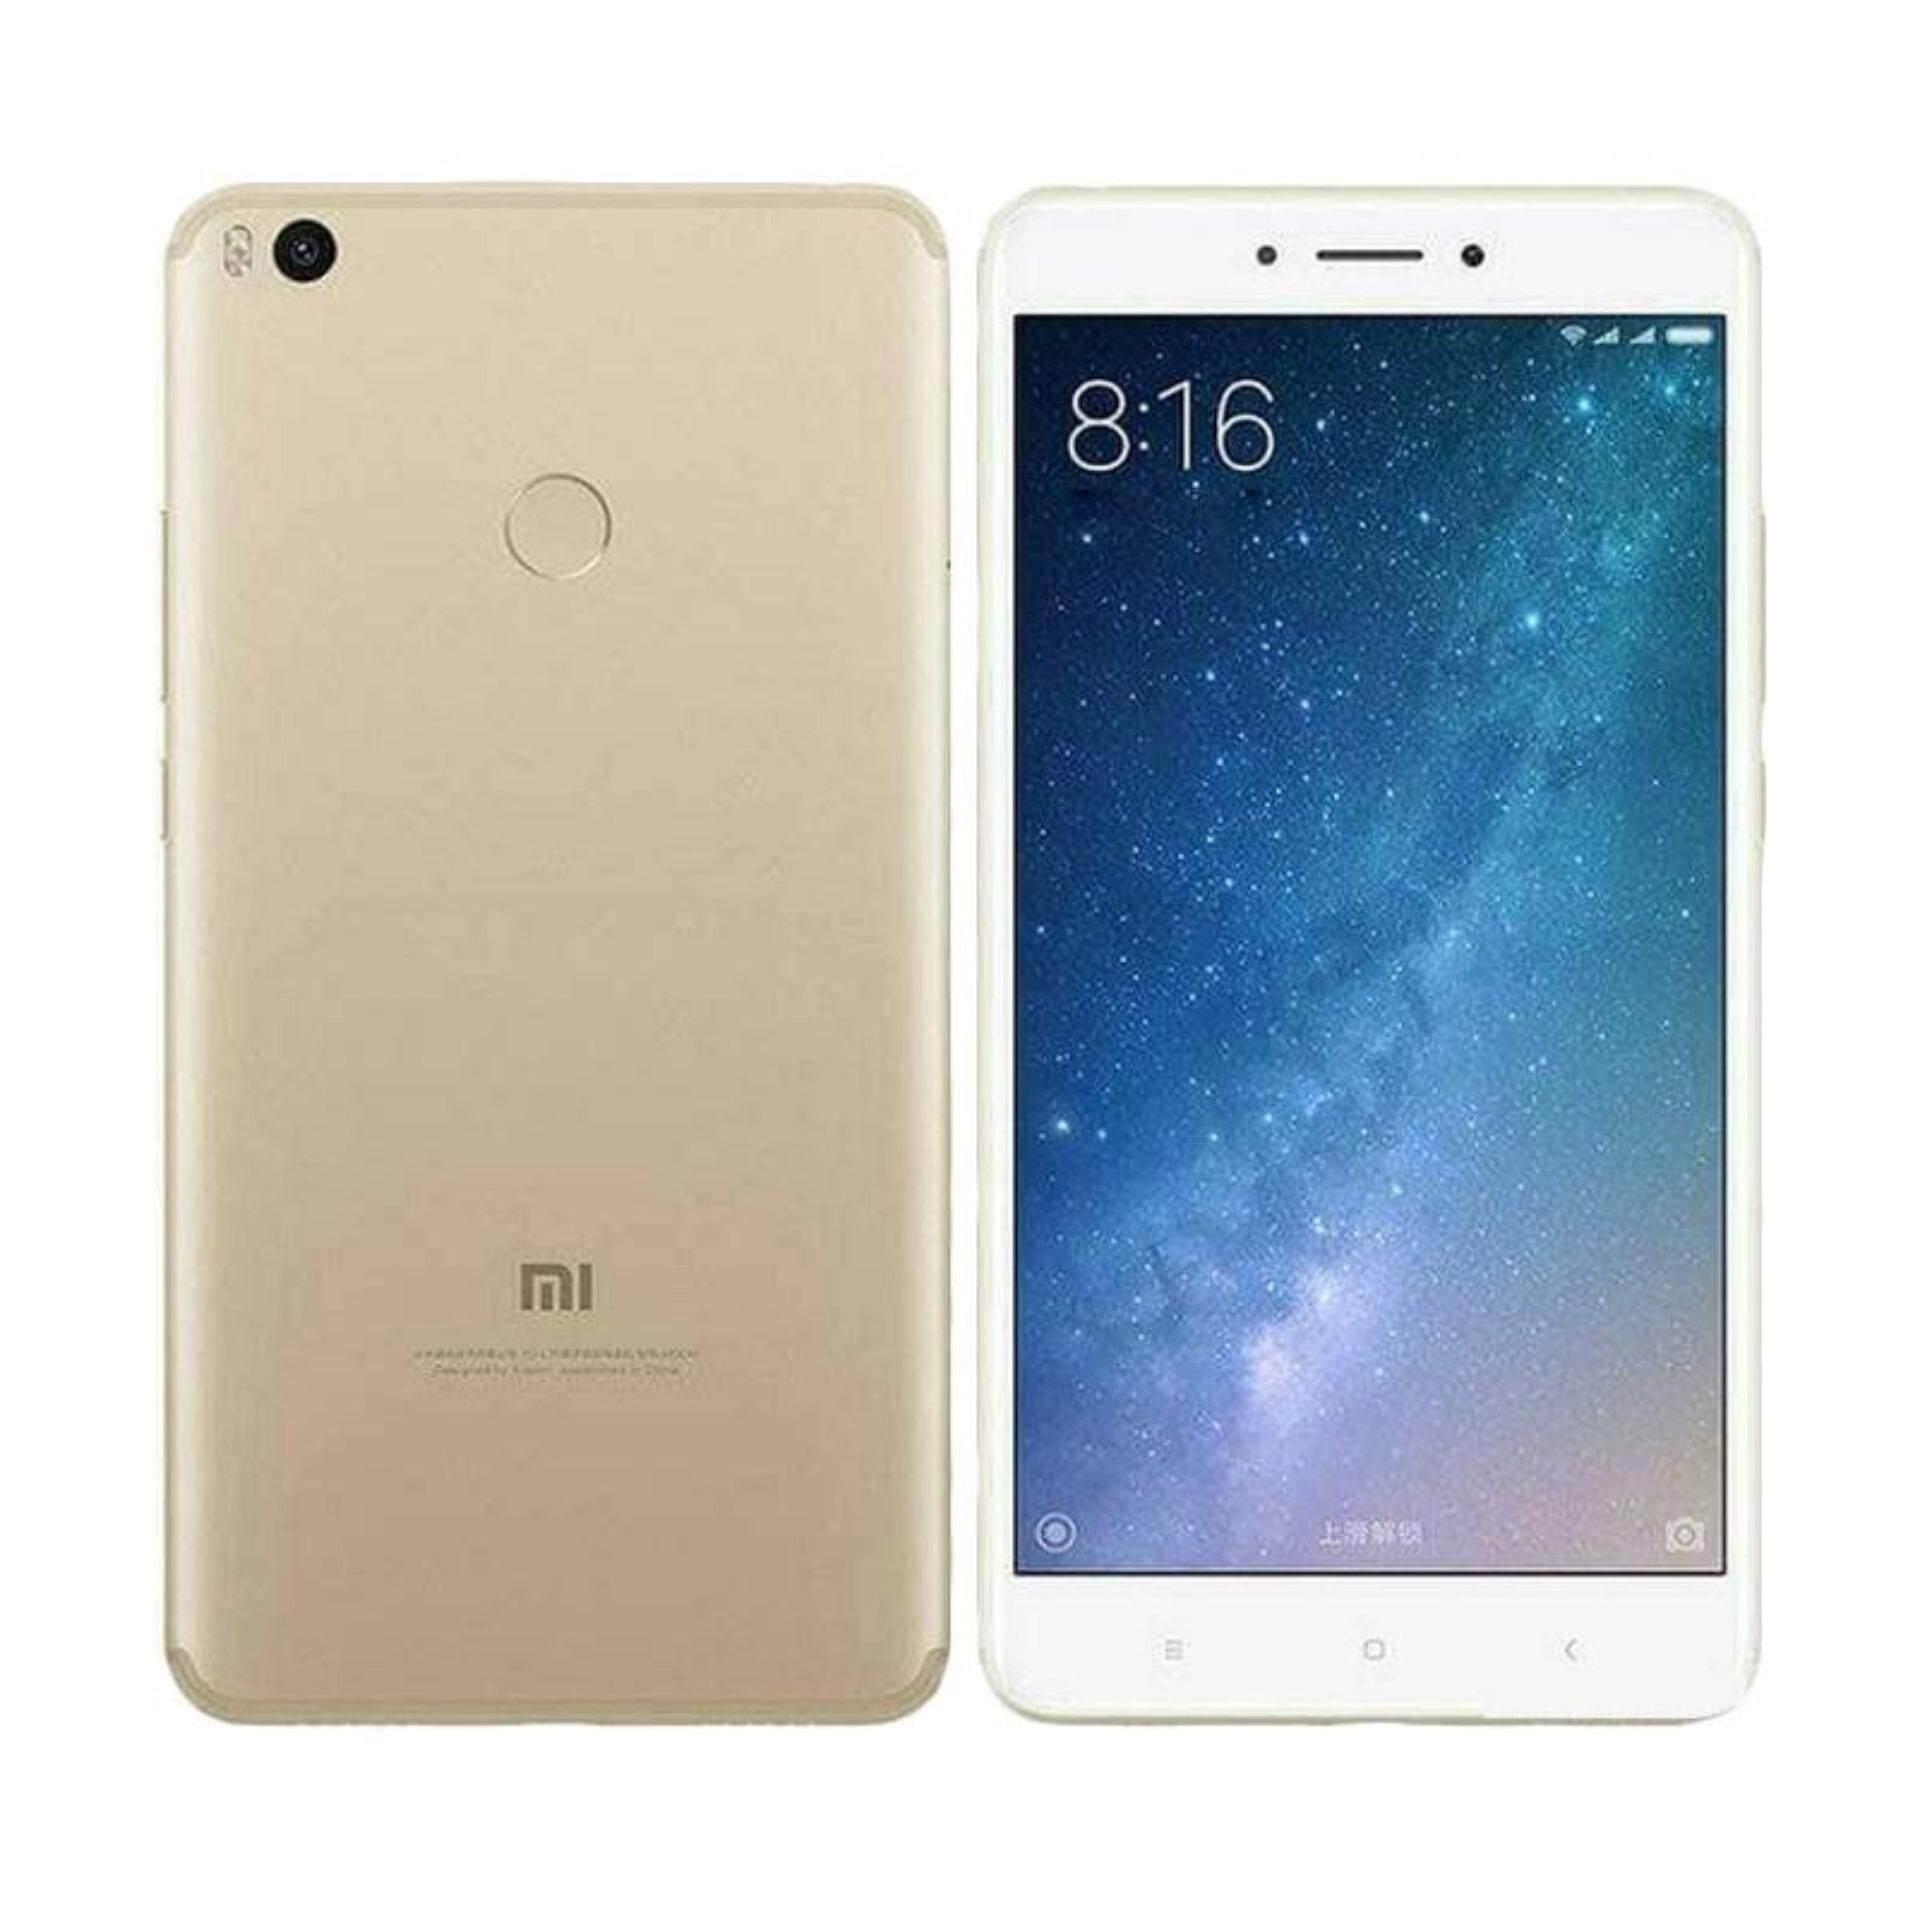 Enjoy The Best Xiaomi Mobiles Tablets Deals Lazada Redmi 3s Pro 3 32 Gb Rom Global Gold Mi Max 2 64gb 4gb Ram Version